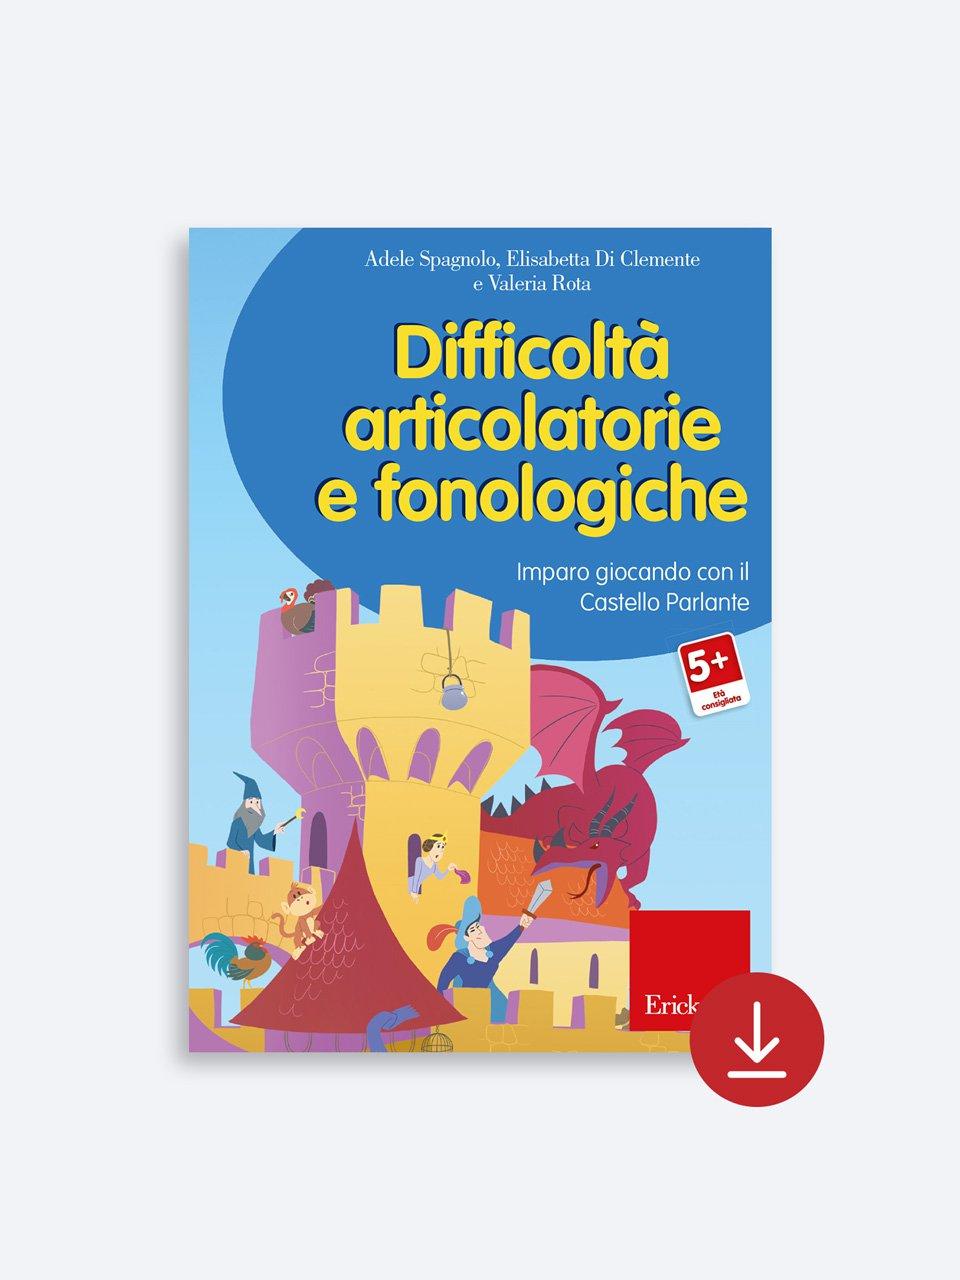 Difficoltà articolatorie e fonologiche - Test TVL - Valutazione del linguaggio - Libri - Strumenti - Erickson 2